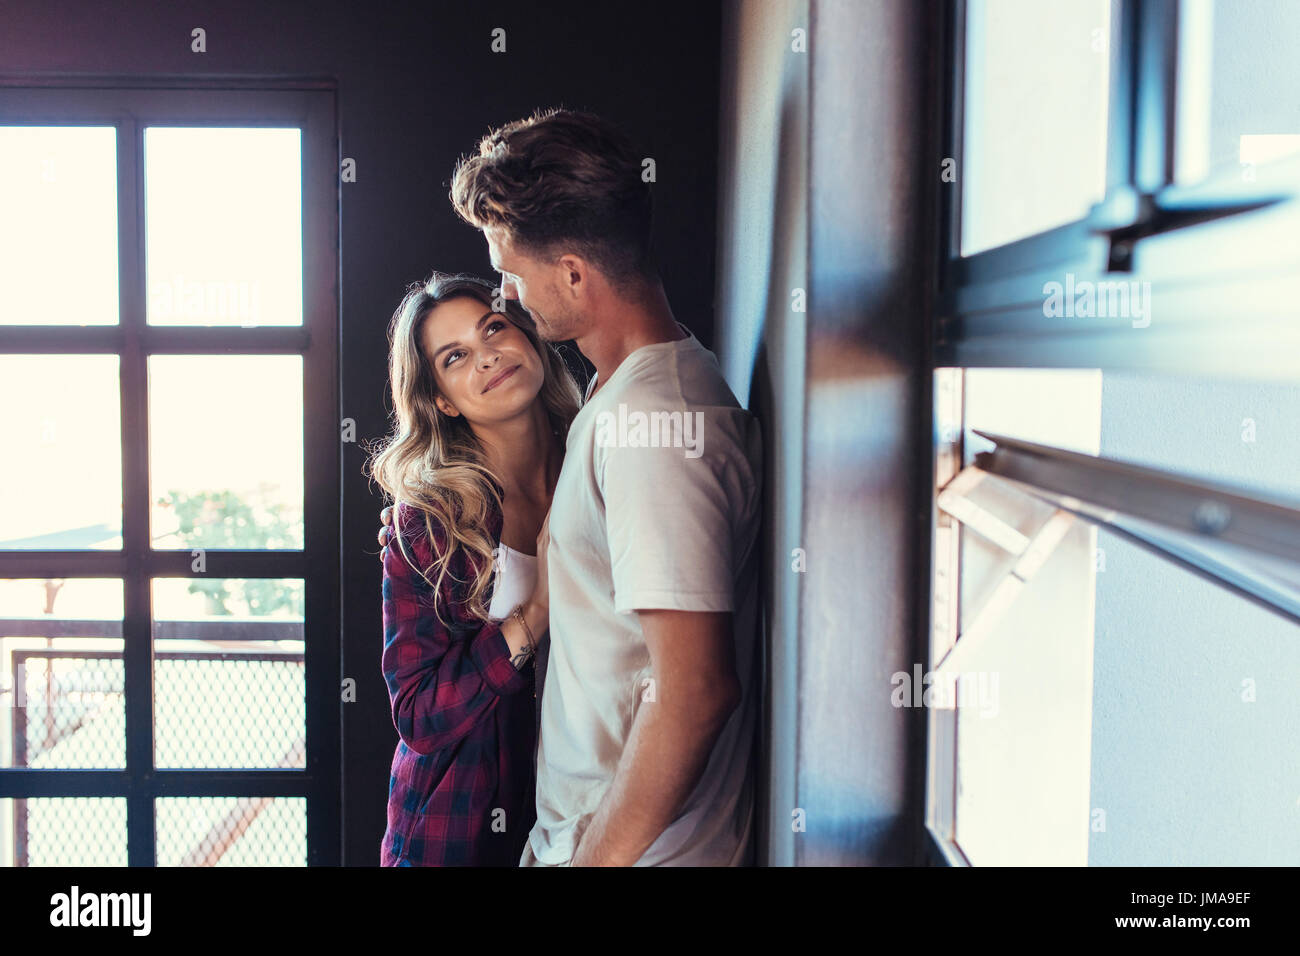 Ritratto di giovane romantico giovane guardando ogni altro. L uomo e la donna in amore in piedi insieme all'interno. Immagini Stock